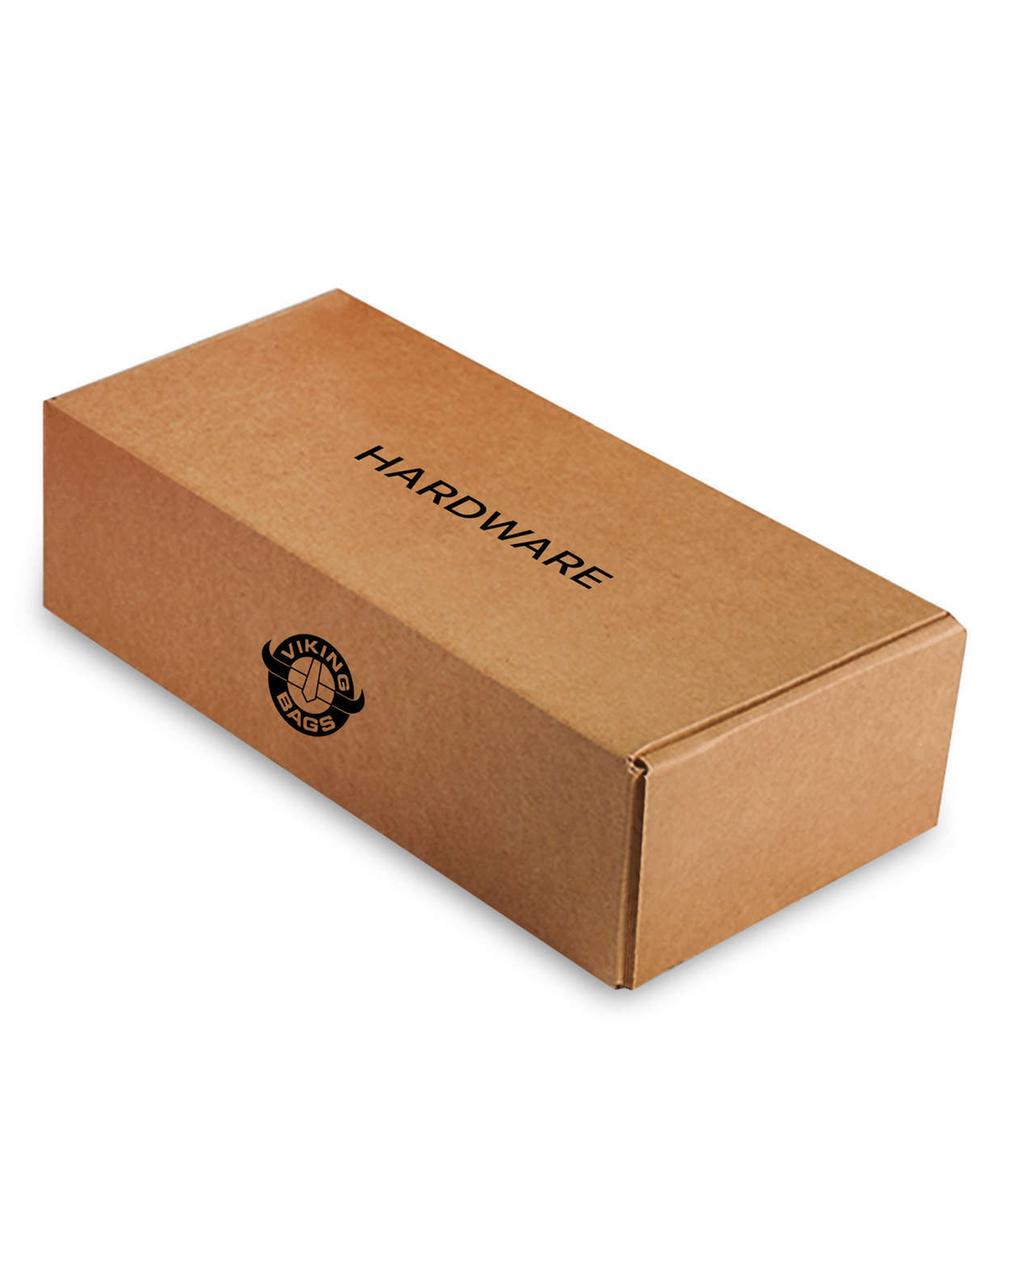 Honda VTX 1300 C Side Pocket Studded Motorcycle Saddlebags Hardware Box